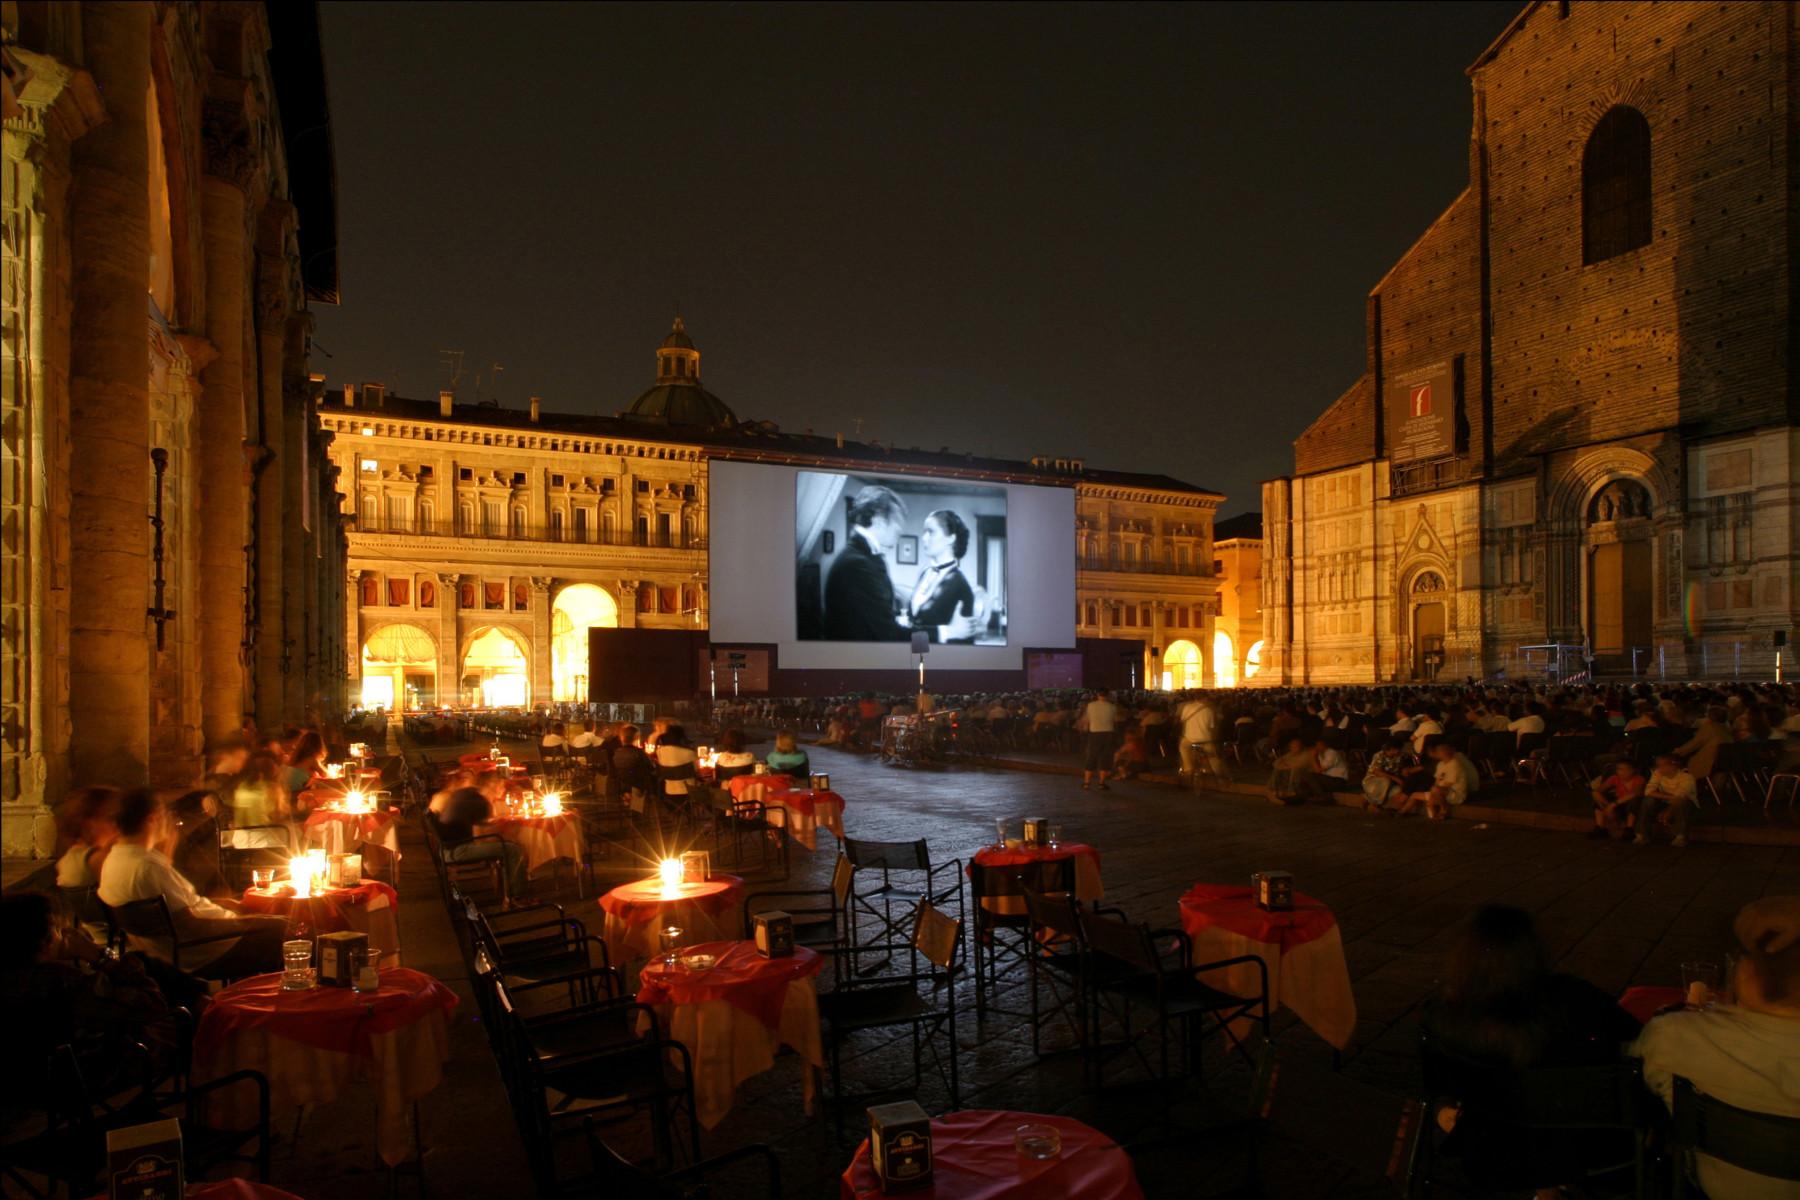 """BOLOGNA. PIAZZA MAGGIORE.  CINEMA IN PIAZZA. RASSEGNA """"SOTTO LE STELLE DEL CINEMA"""" - PROIEZIONE DEL FILM """"PICCOLO MONDO ANTICO"""" DI MARIO SOLDATI."""